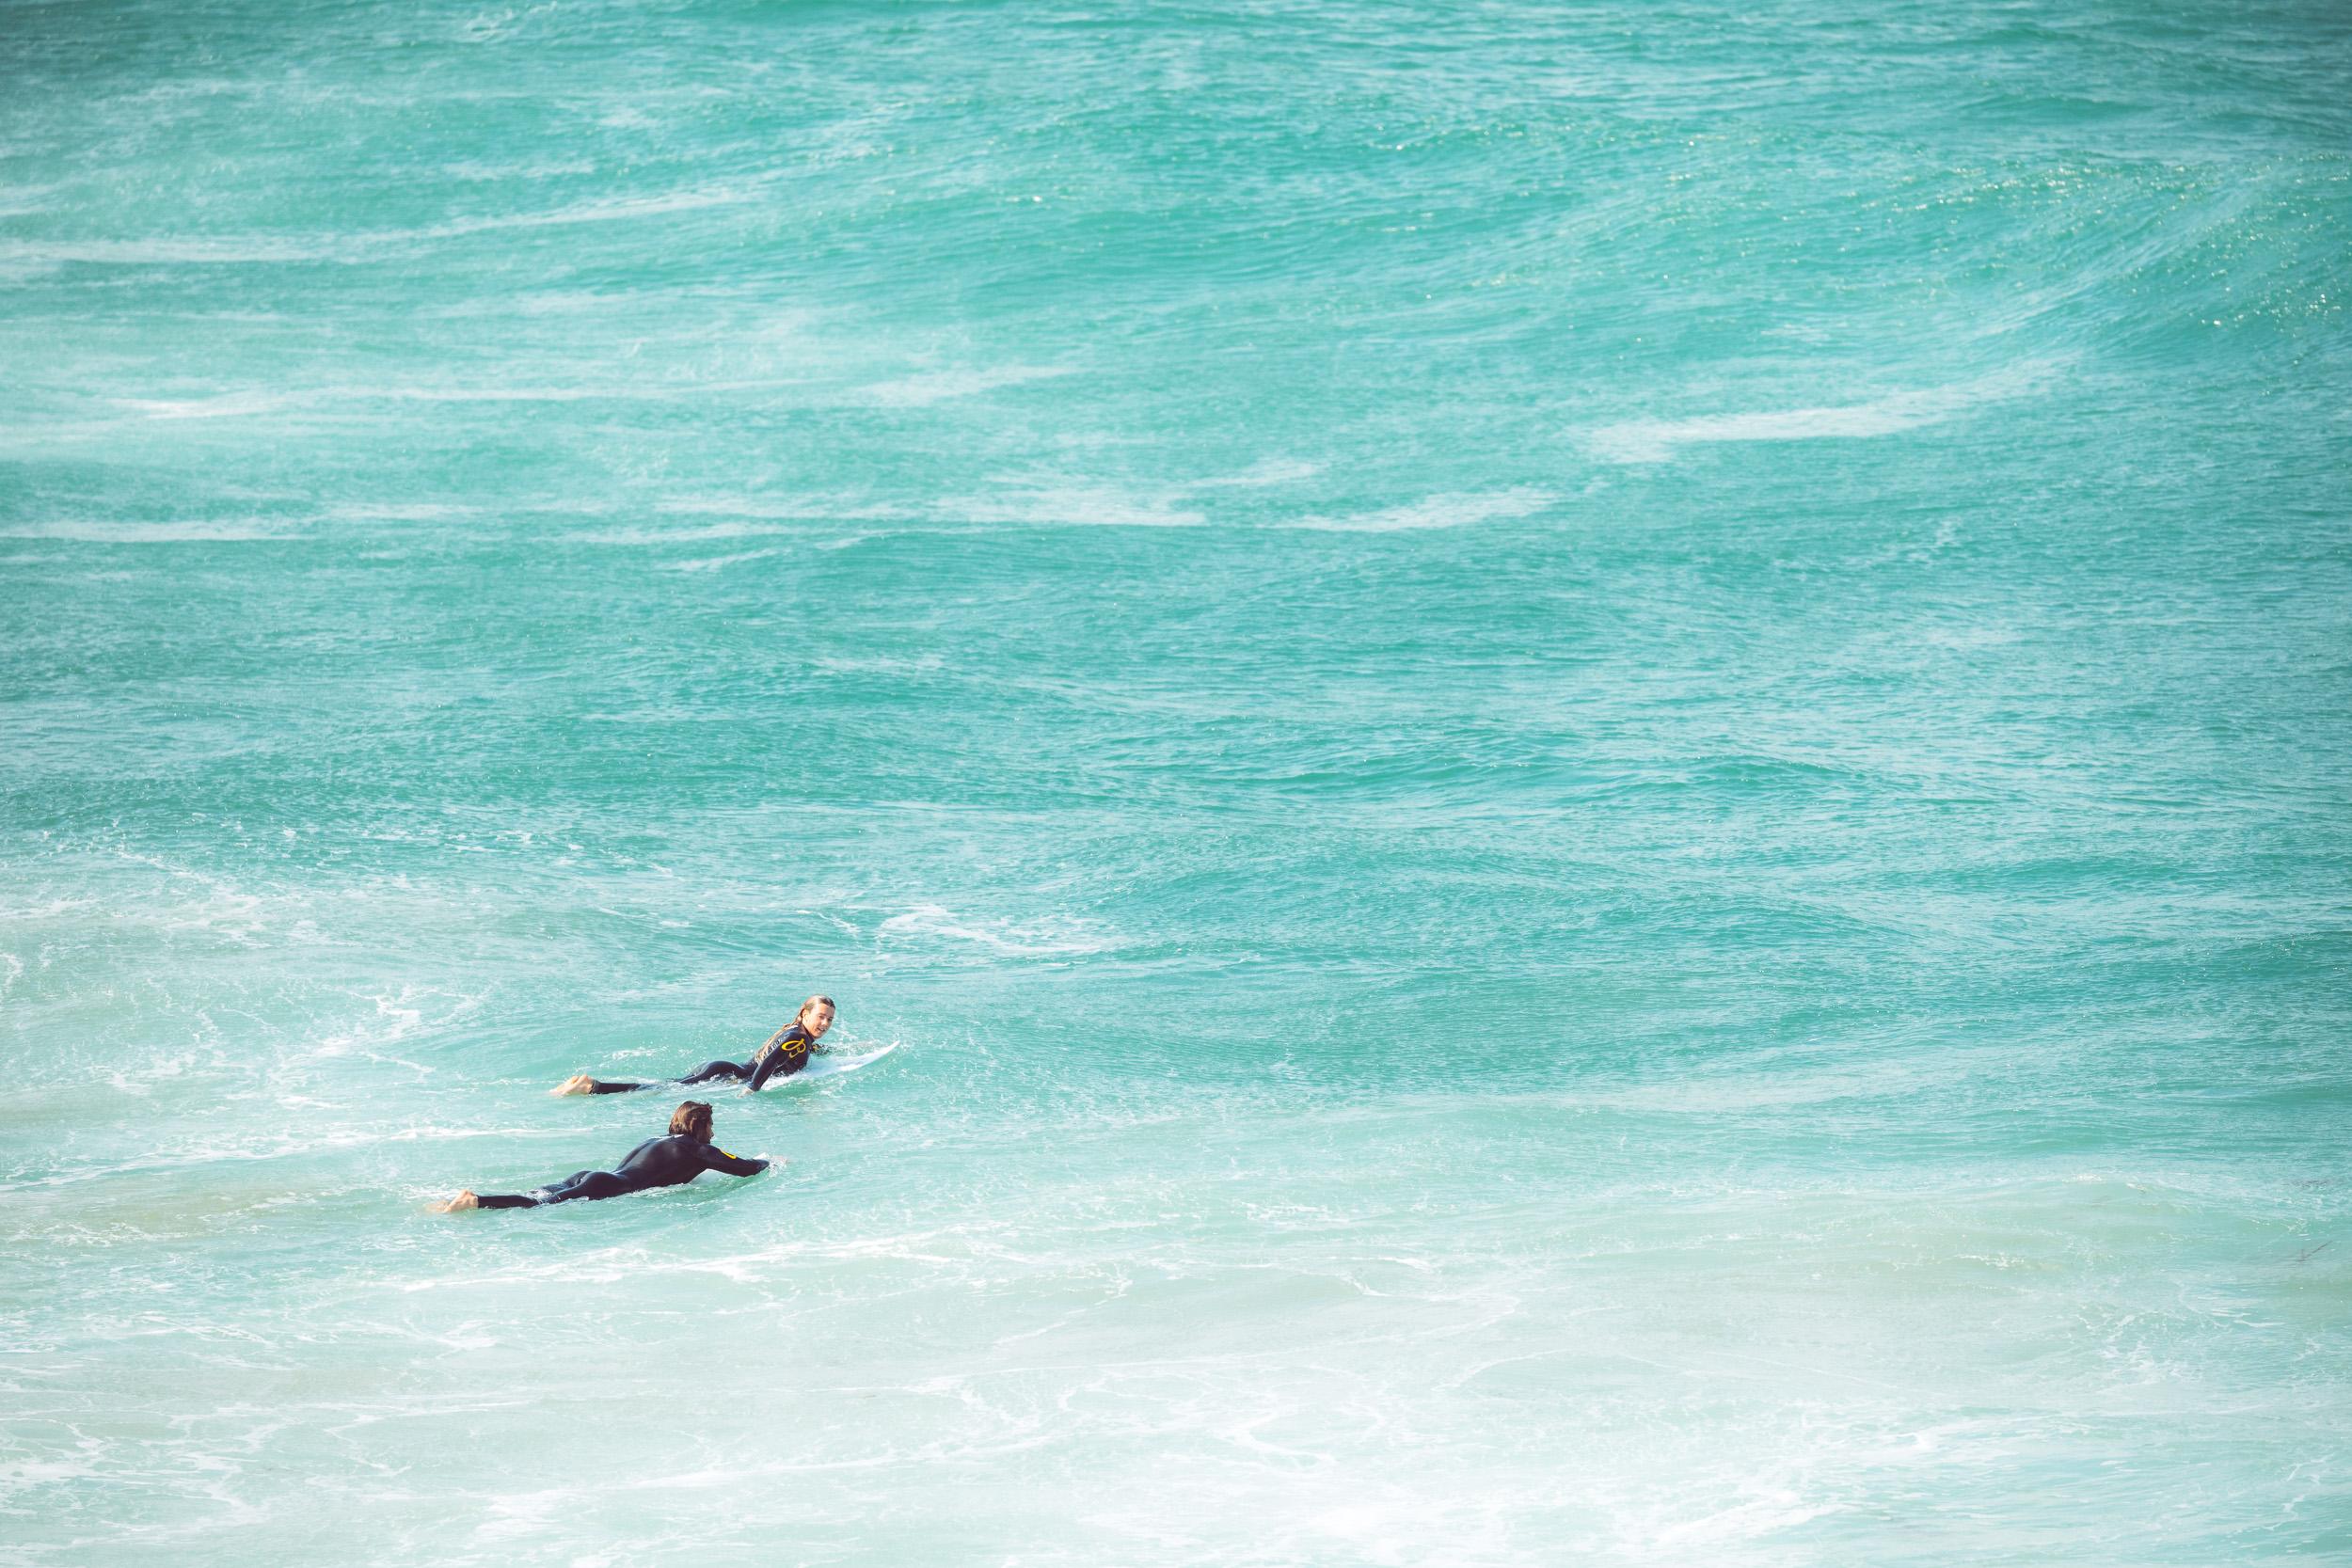 BREITLING-SURF-Finn-Beales-107.jpg